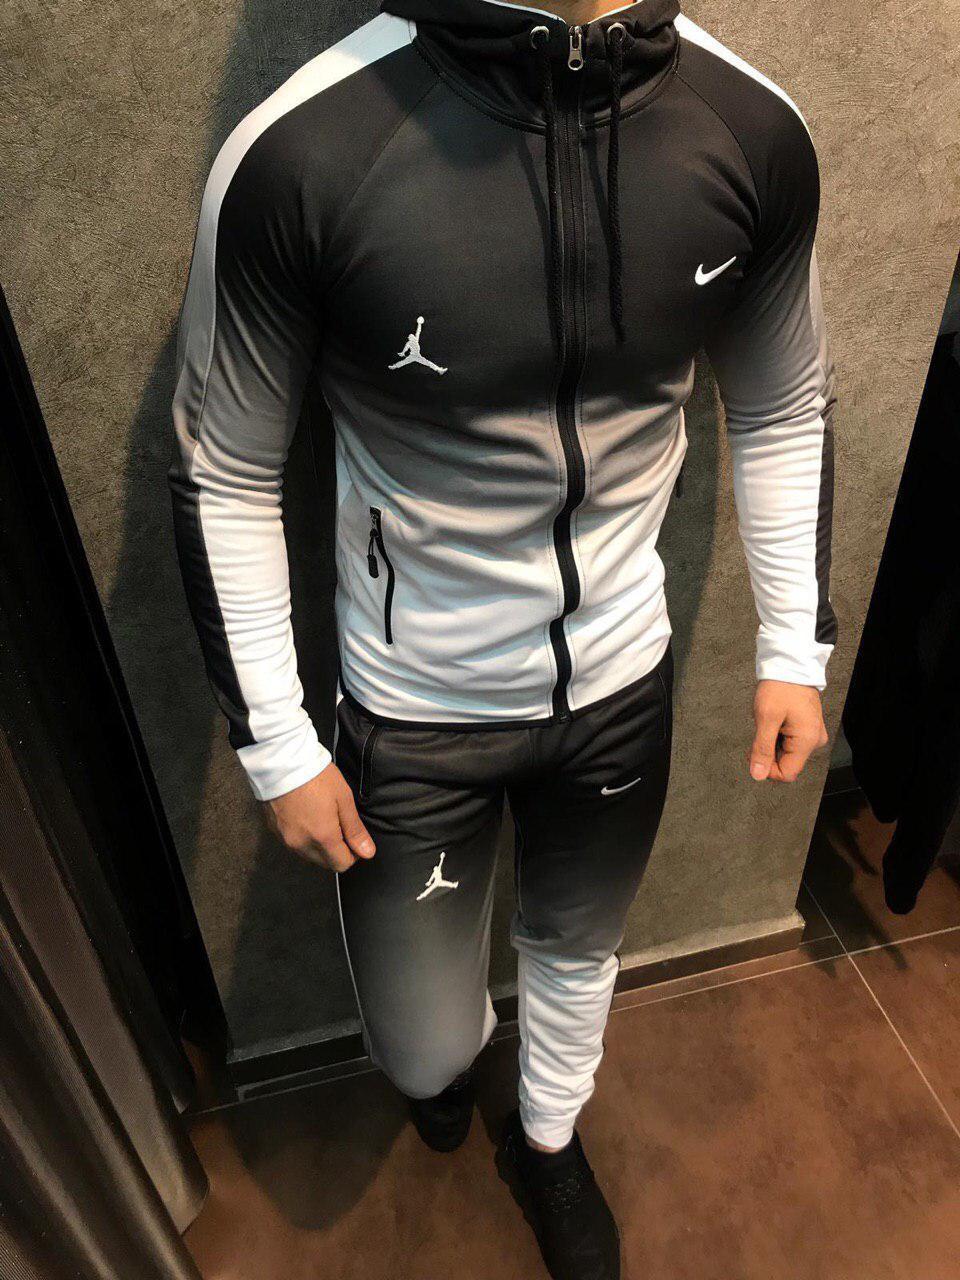 cb97613315fd Спортивный костюм мужской бело-черный Nike топ реплика - Интернет-магазин  обуви и одежды